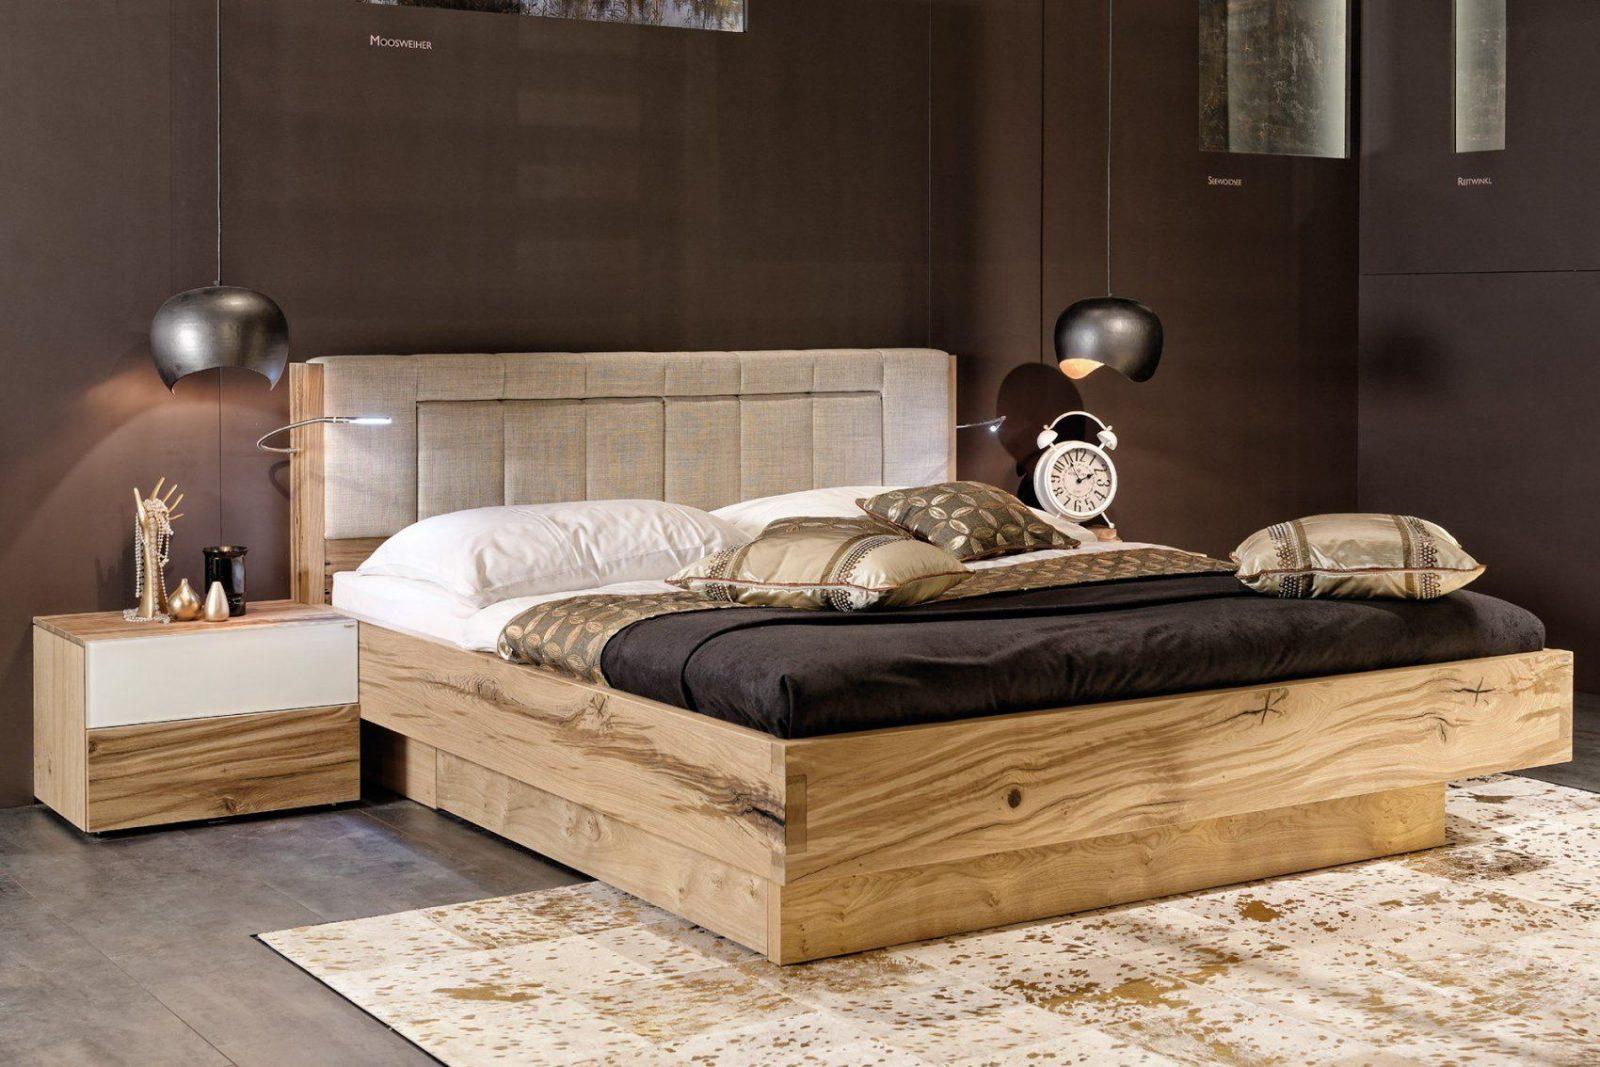 Voglauer Vpur Bett Eiche Altholz Polster  Möbel Letz  Ihr Onlineshop von Voglauer Bett V Pur Photo